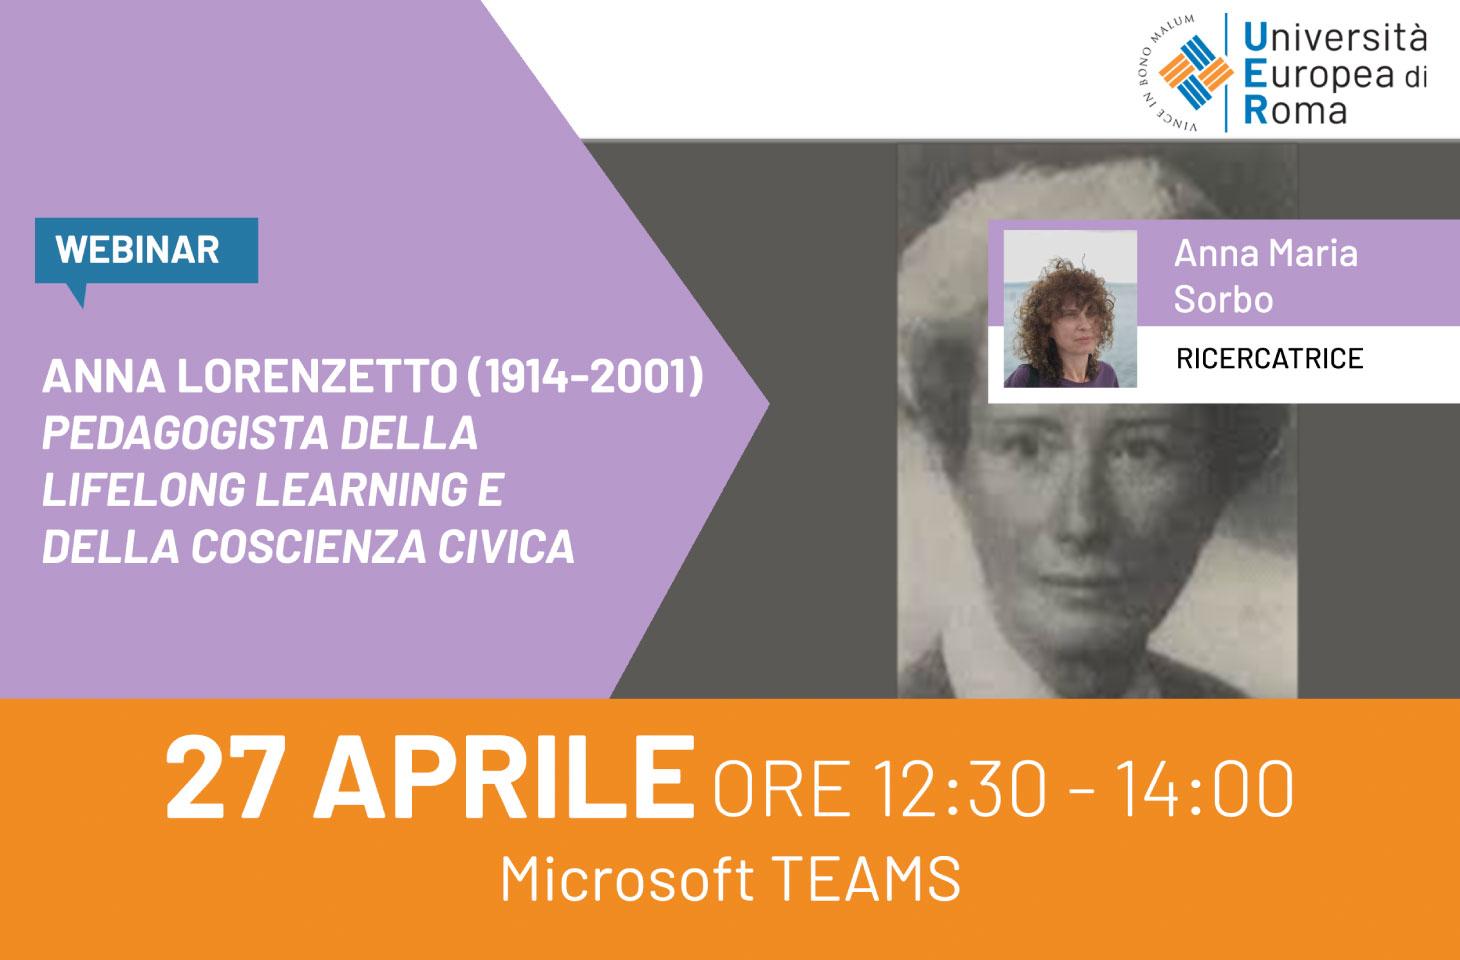 Webinar: Anna Lorenzetto (1914-2001), pedagogista della Lifelong learning e della coscienza civica